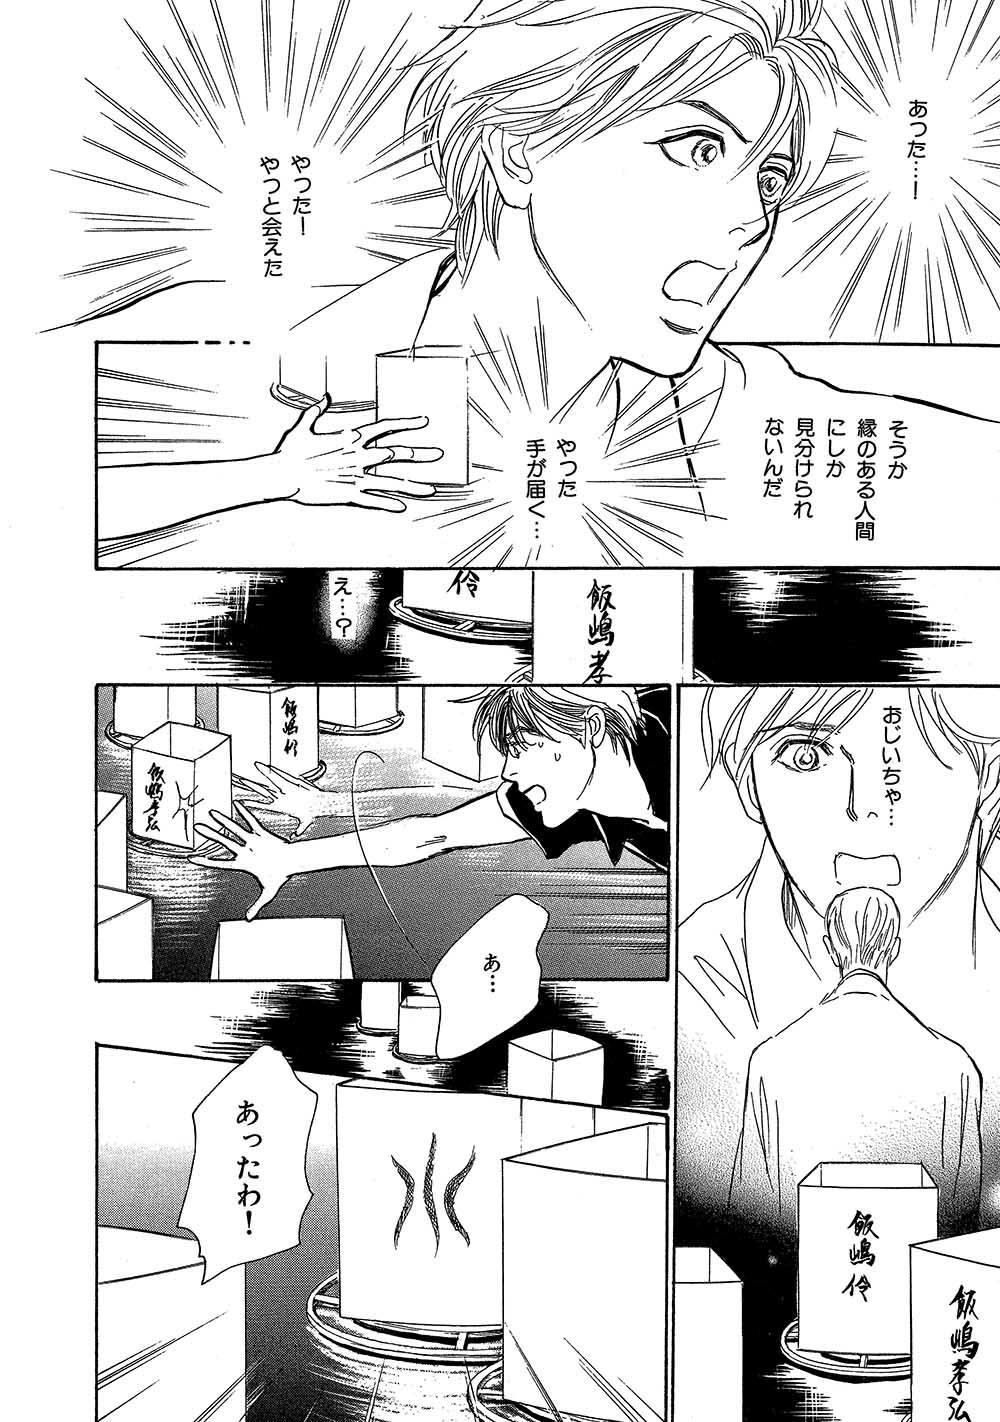 hyakki_0016_0098.jpg